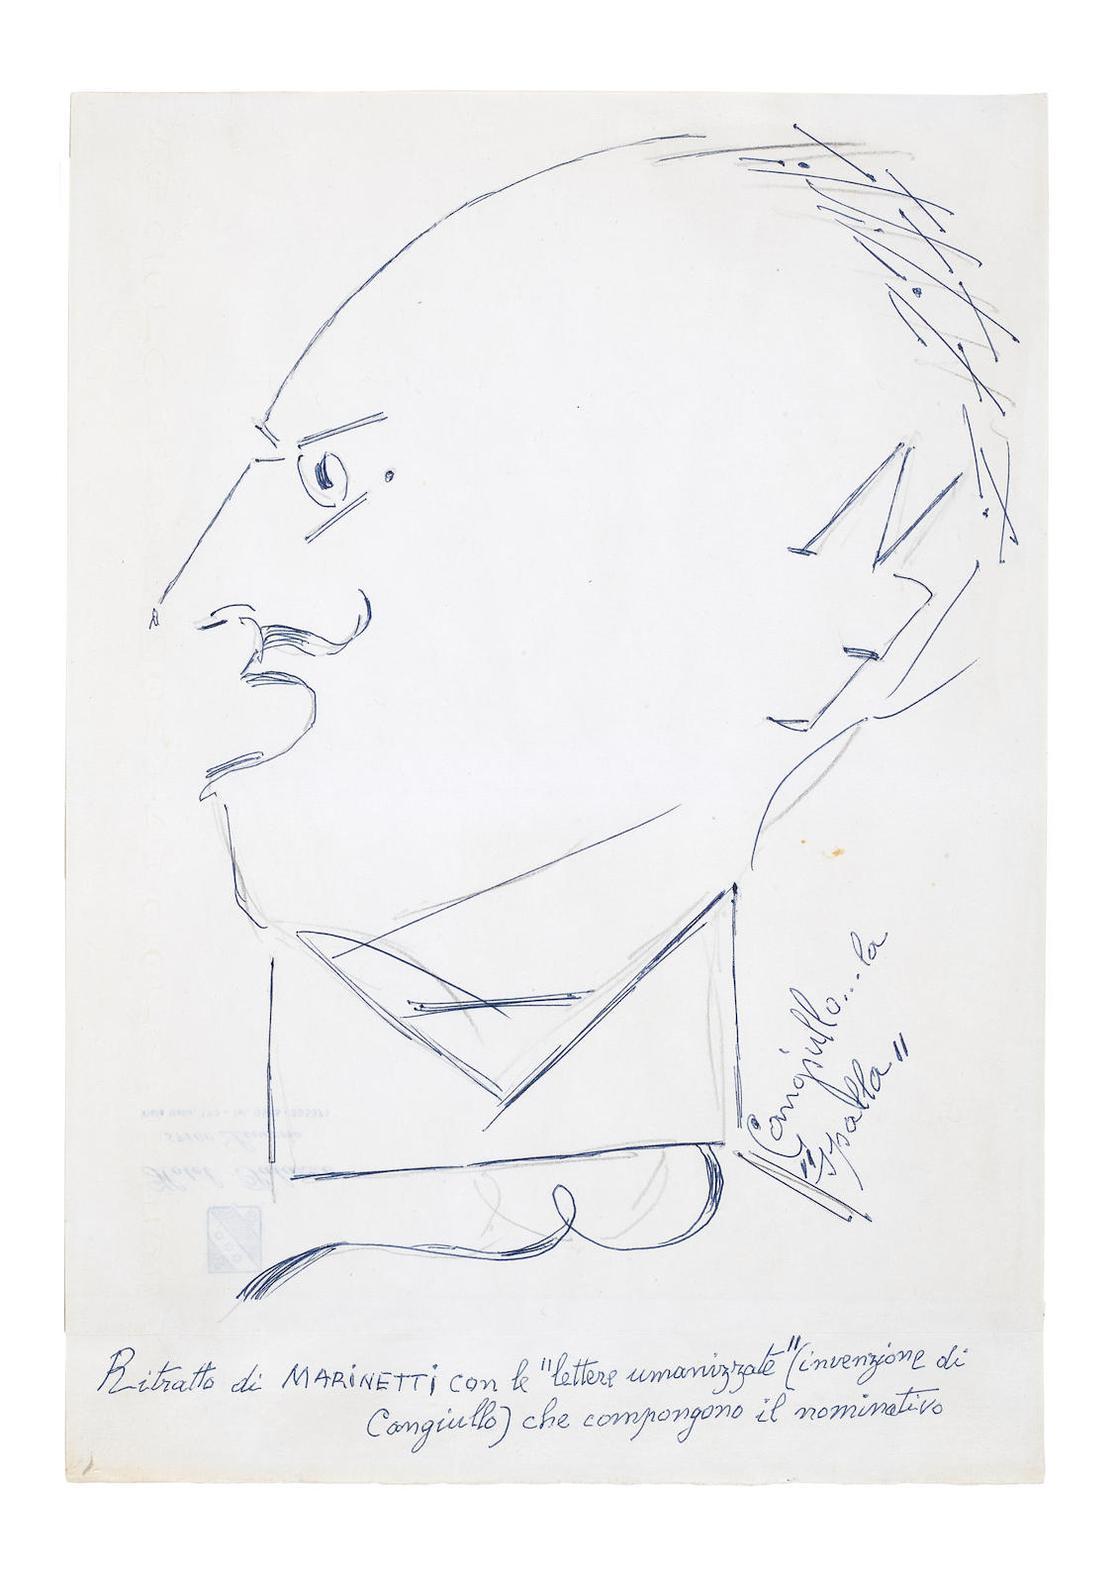 Francesco Cangiullo - Ritratto Di Marinetti Con Le Lettere Umanizzate-1970